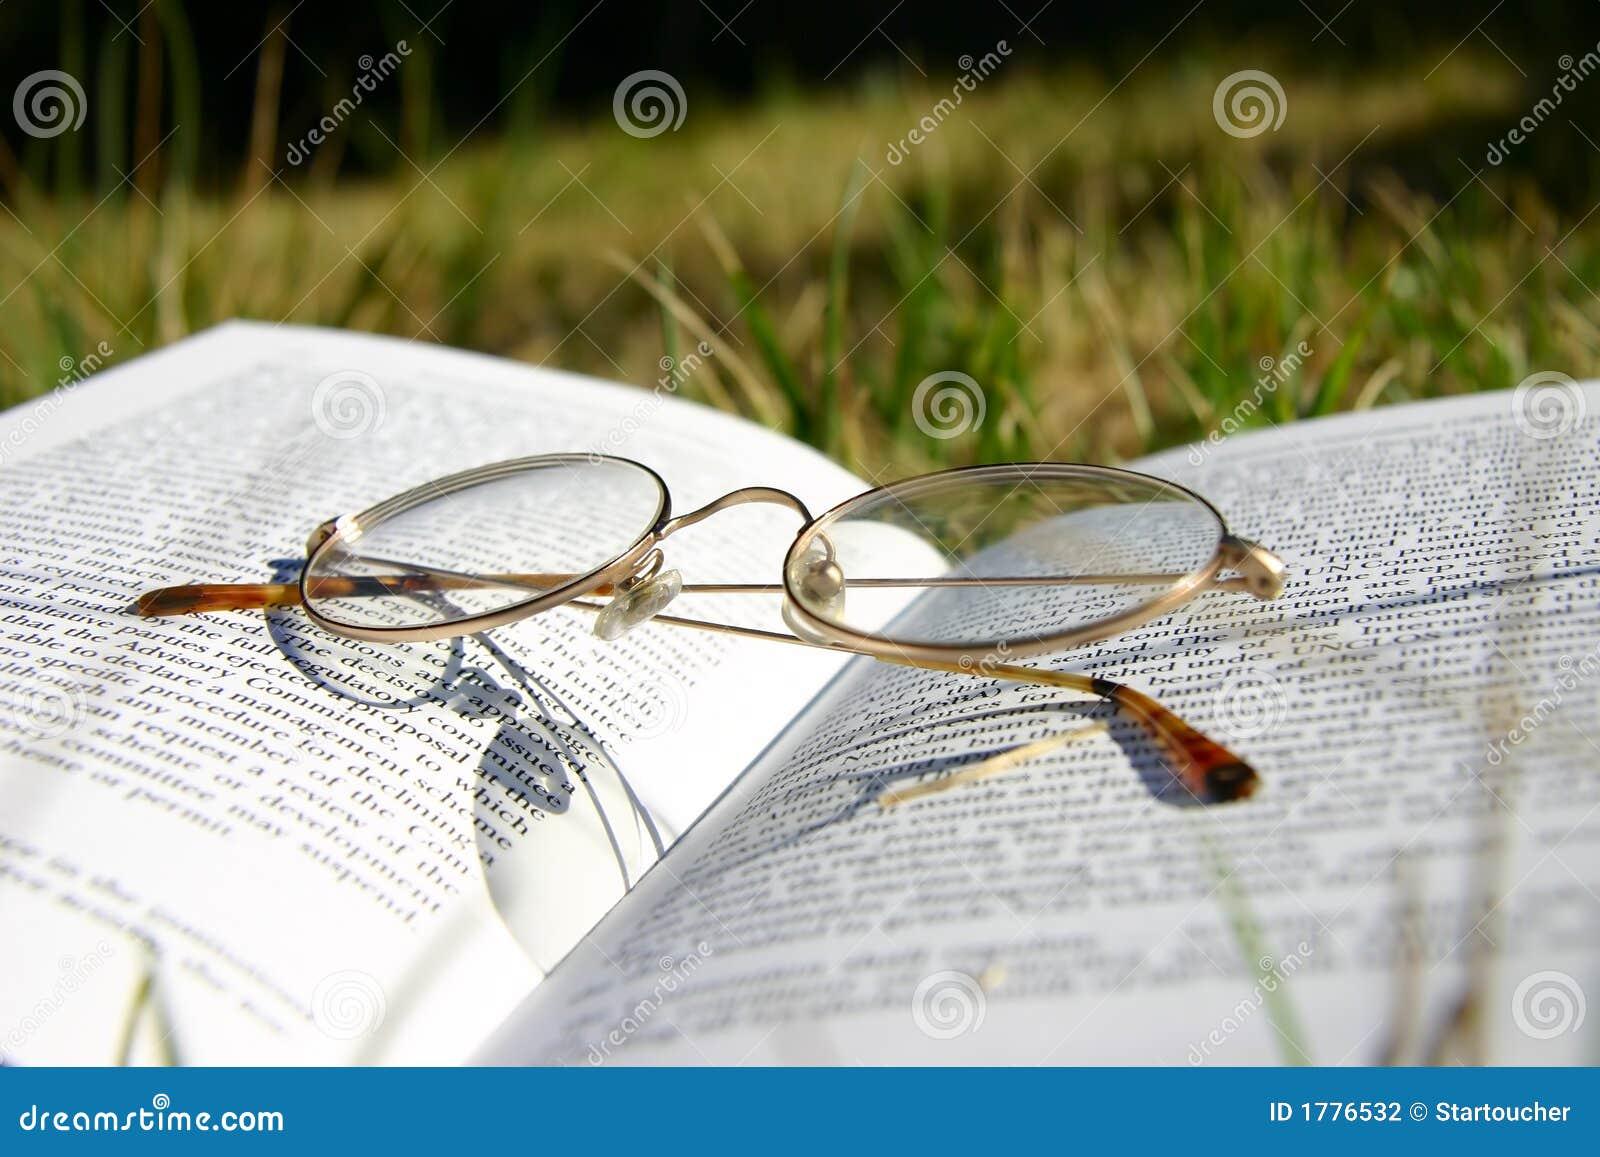 Glazen op een boek met gras